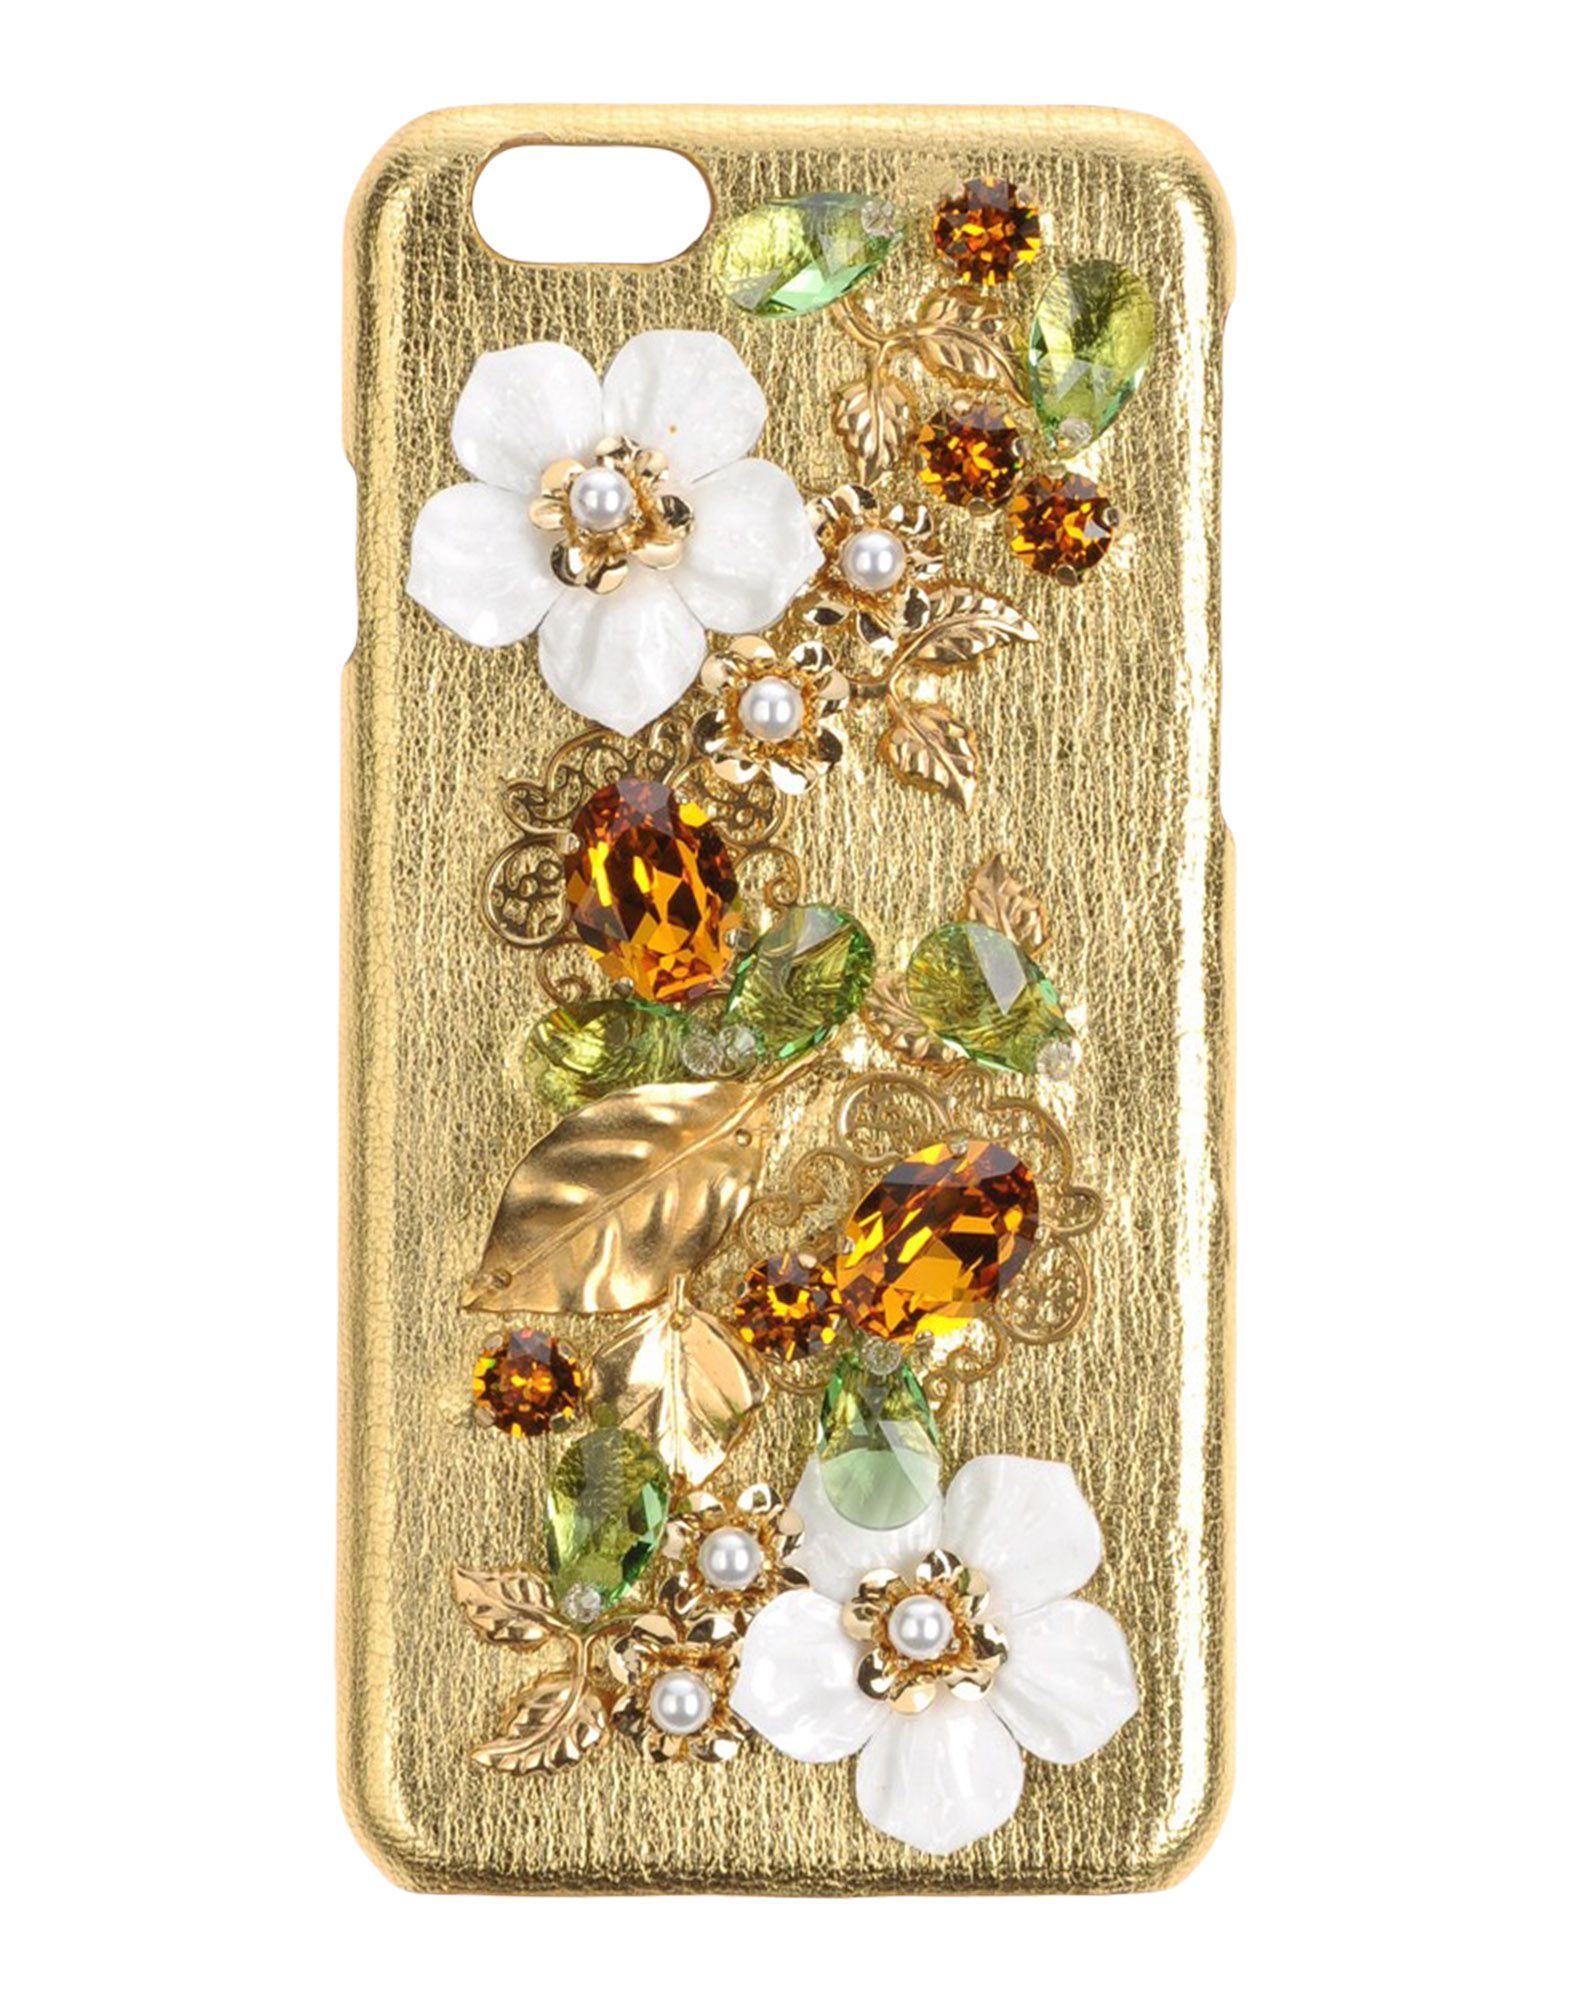 DOLCE & GABBANA Damen Hightech Accessoire Farbe Gold Größe 1